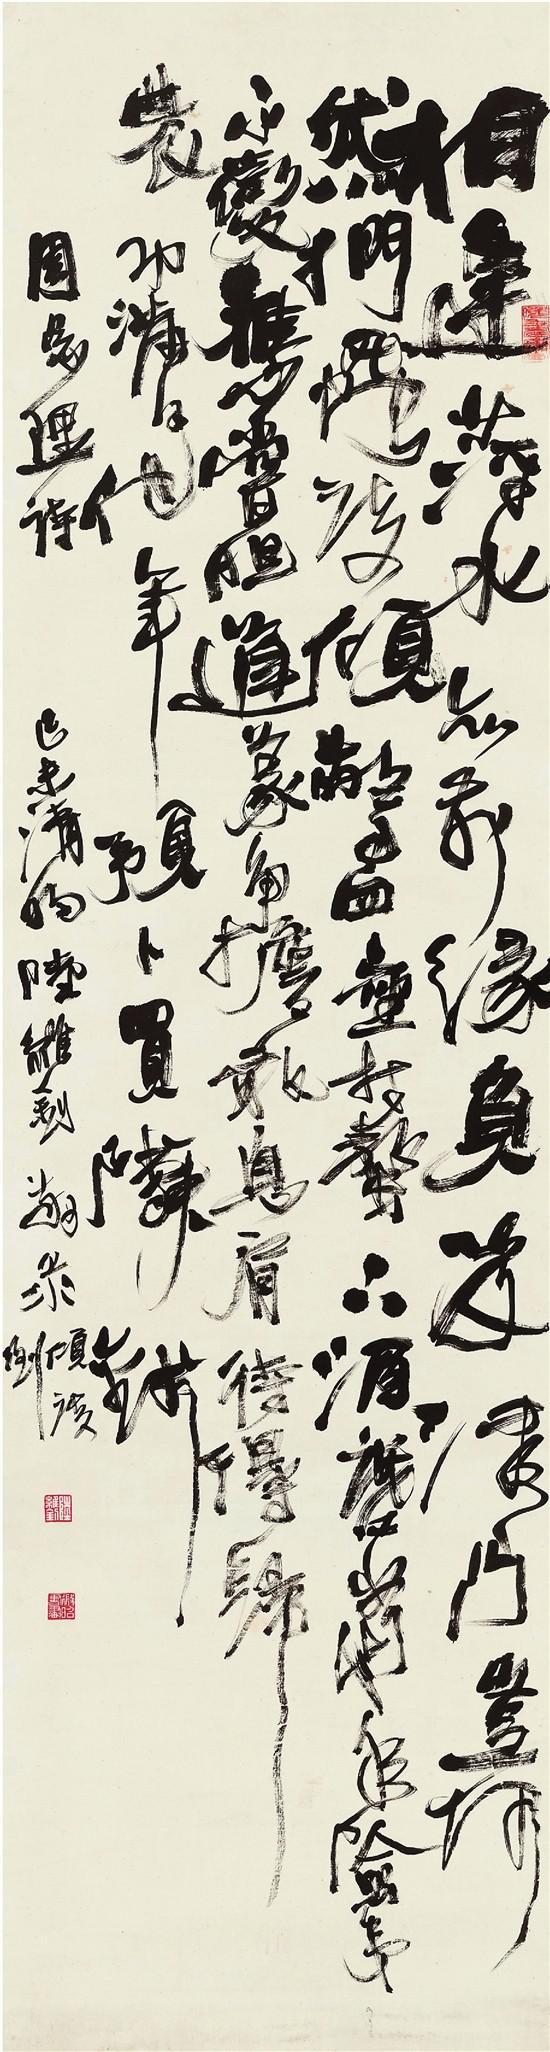 陸維釗 周總理詩 182×49cm 書法 1979年 陸維釗書畫院藏